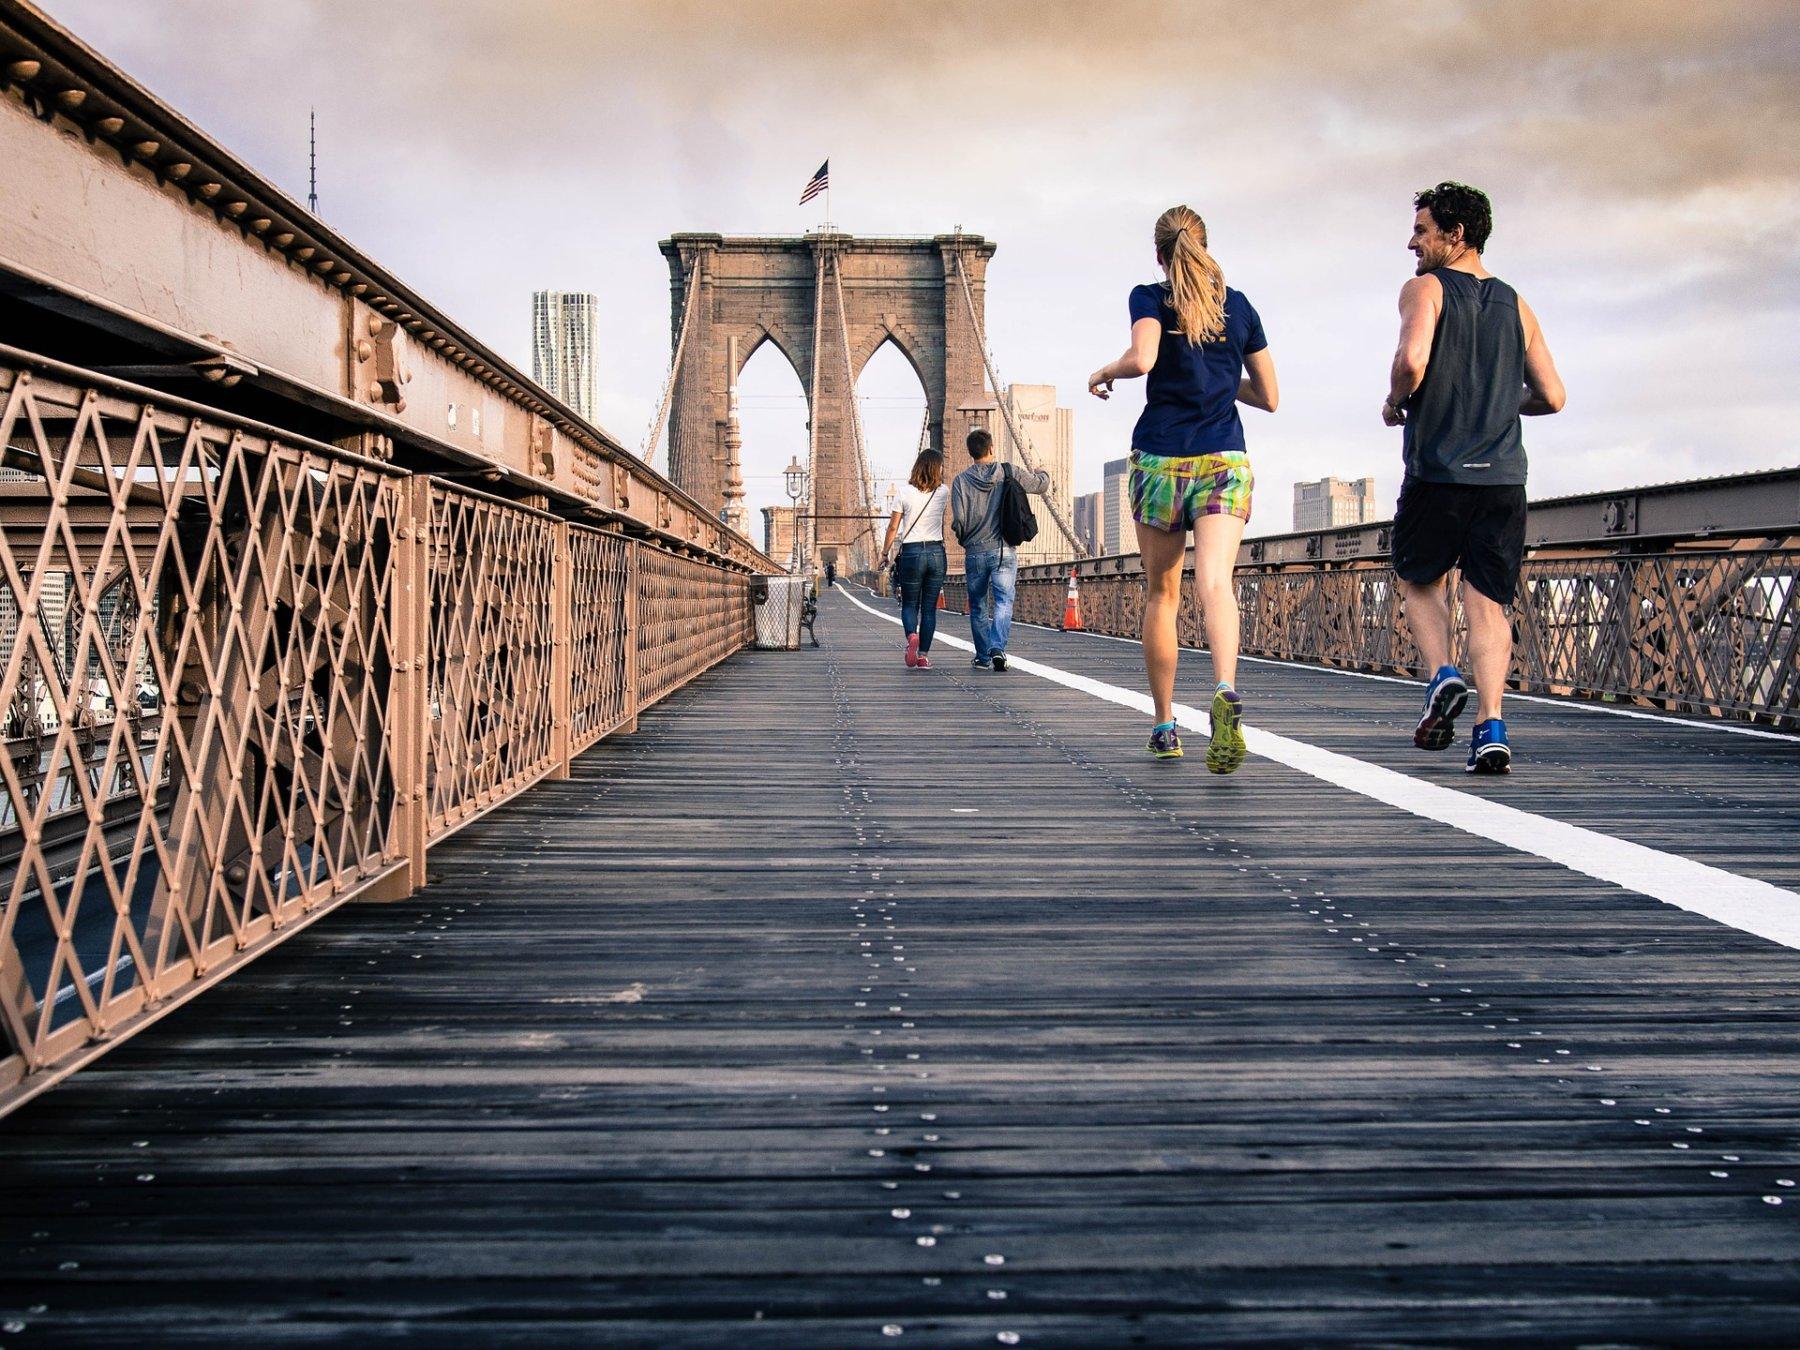 l ejercicio físico es un pilar de los hábitos saludables, y sus beneficios están probados empíricamente.